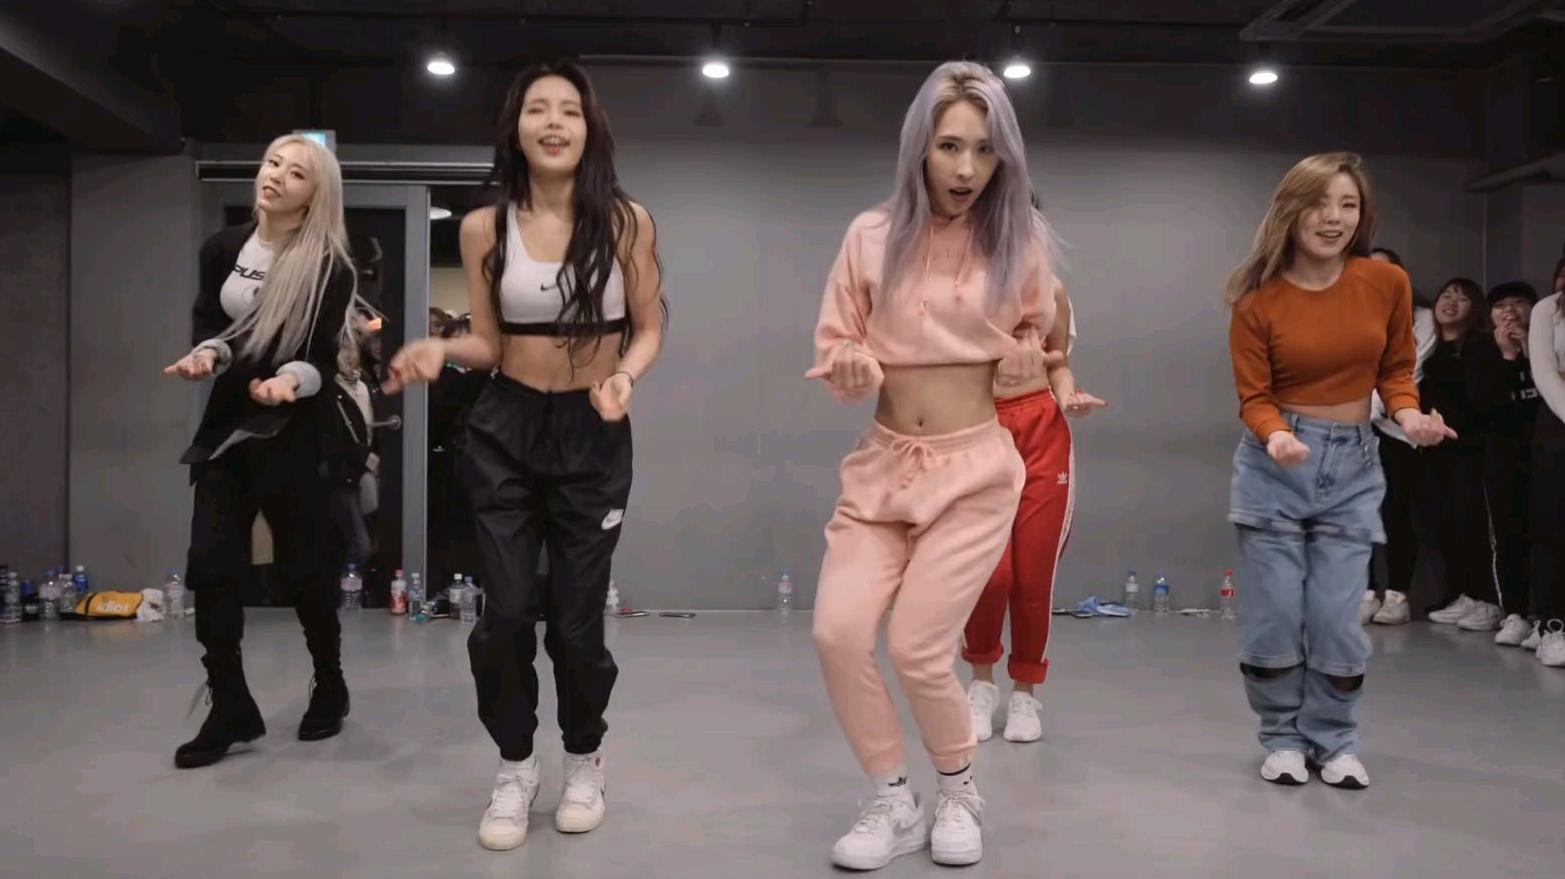 身材好的小姐姐跳韩舞,真的很带劲